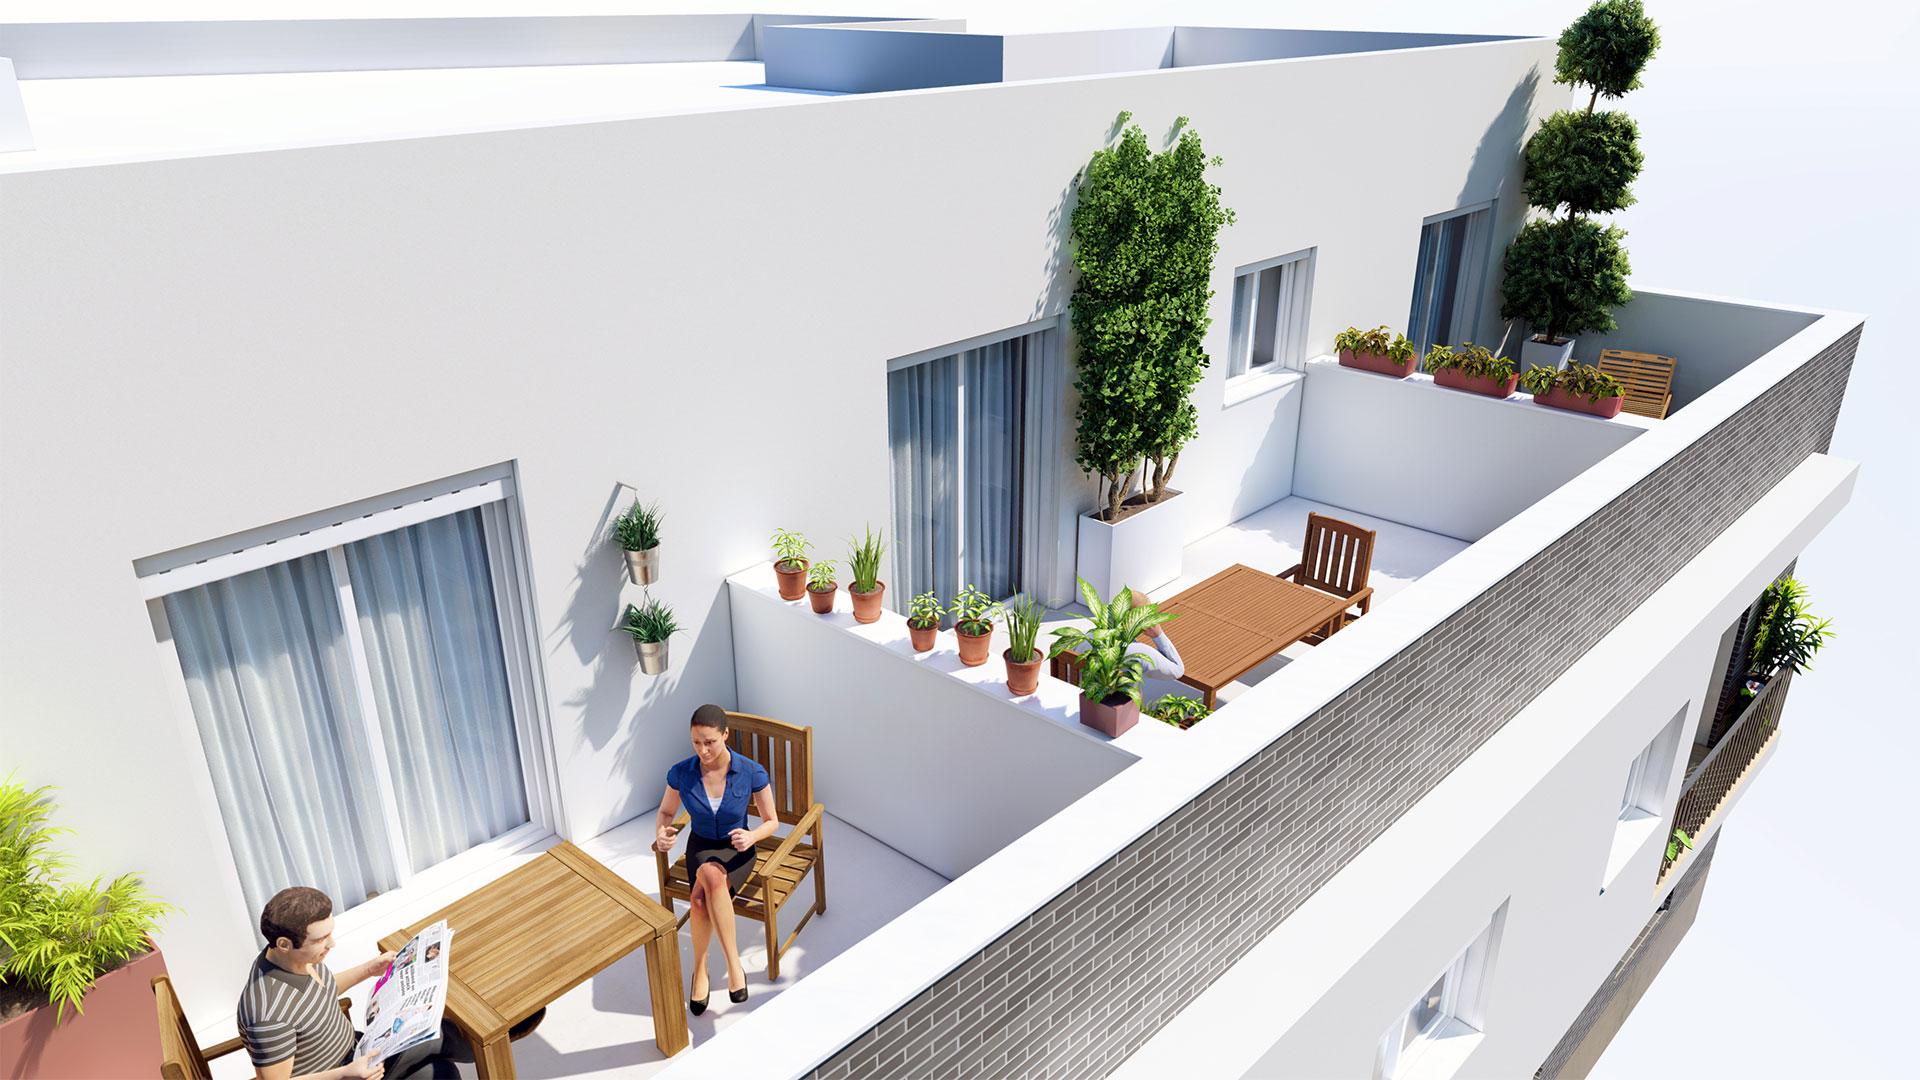 Terrazas - Residencial Vicente Alanís - Sevilla